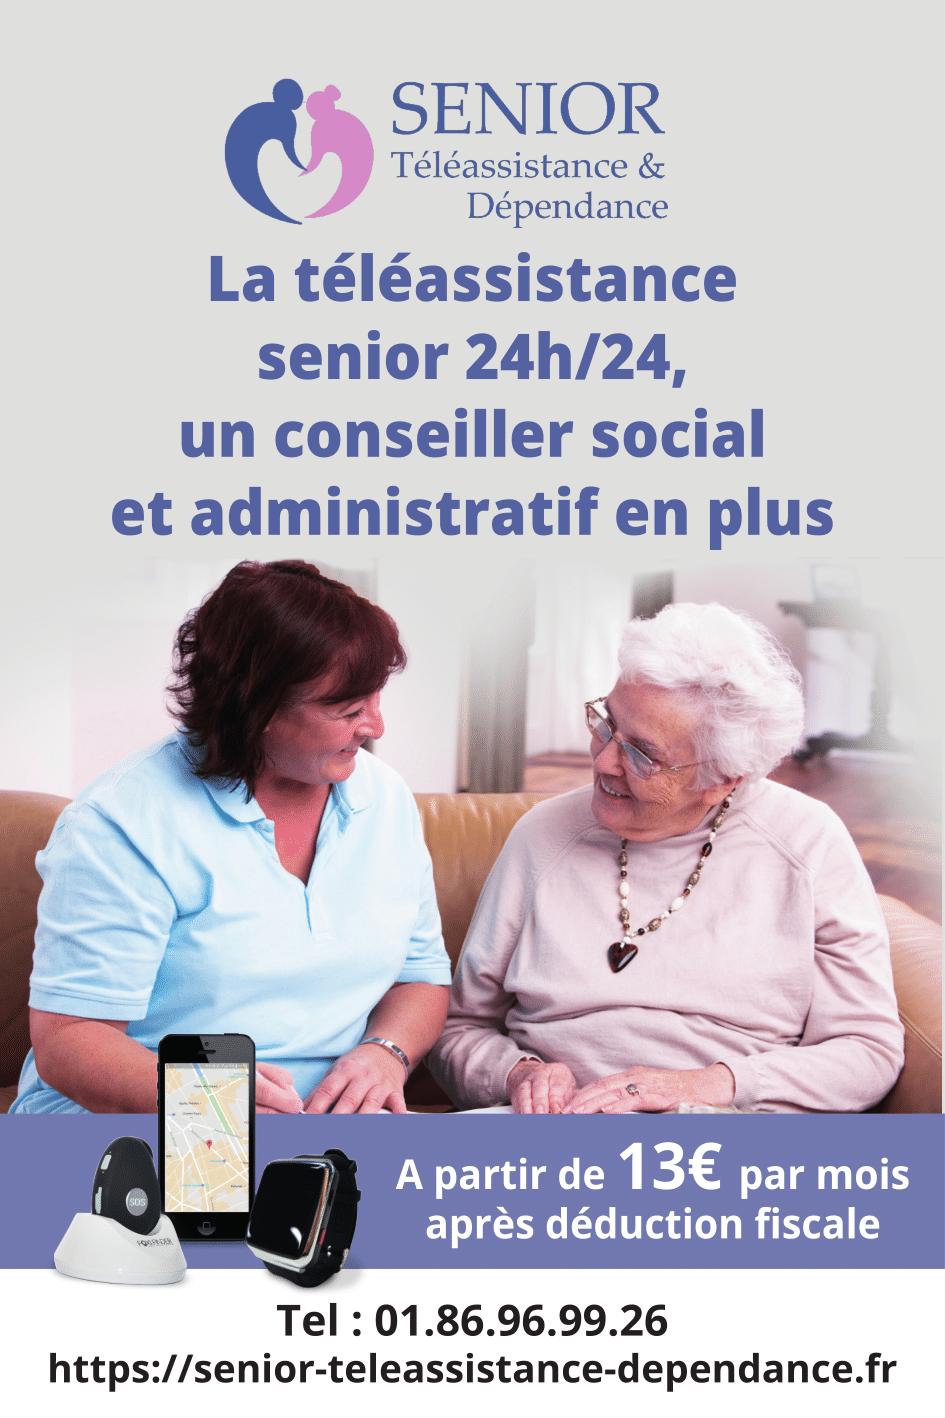 Senior Téléassistance et dépendance